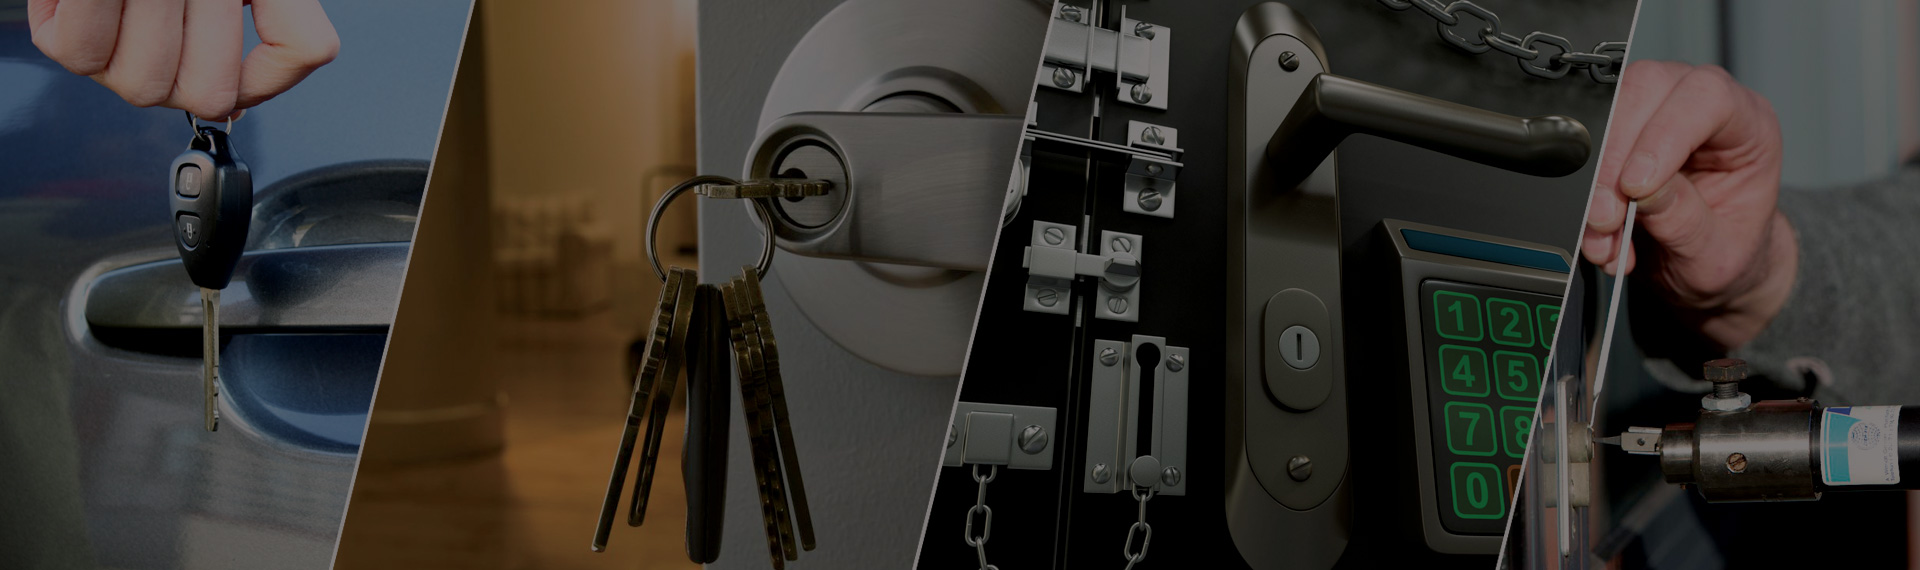 A 24 Hours Emergency Locksmith Rye City NY